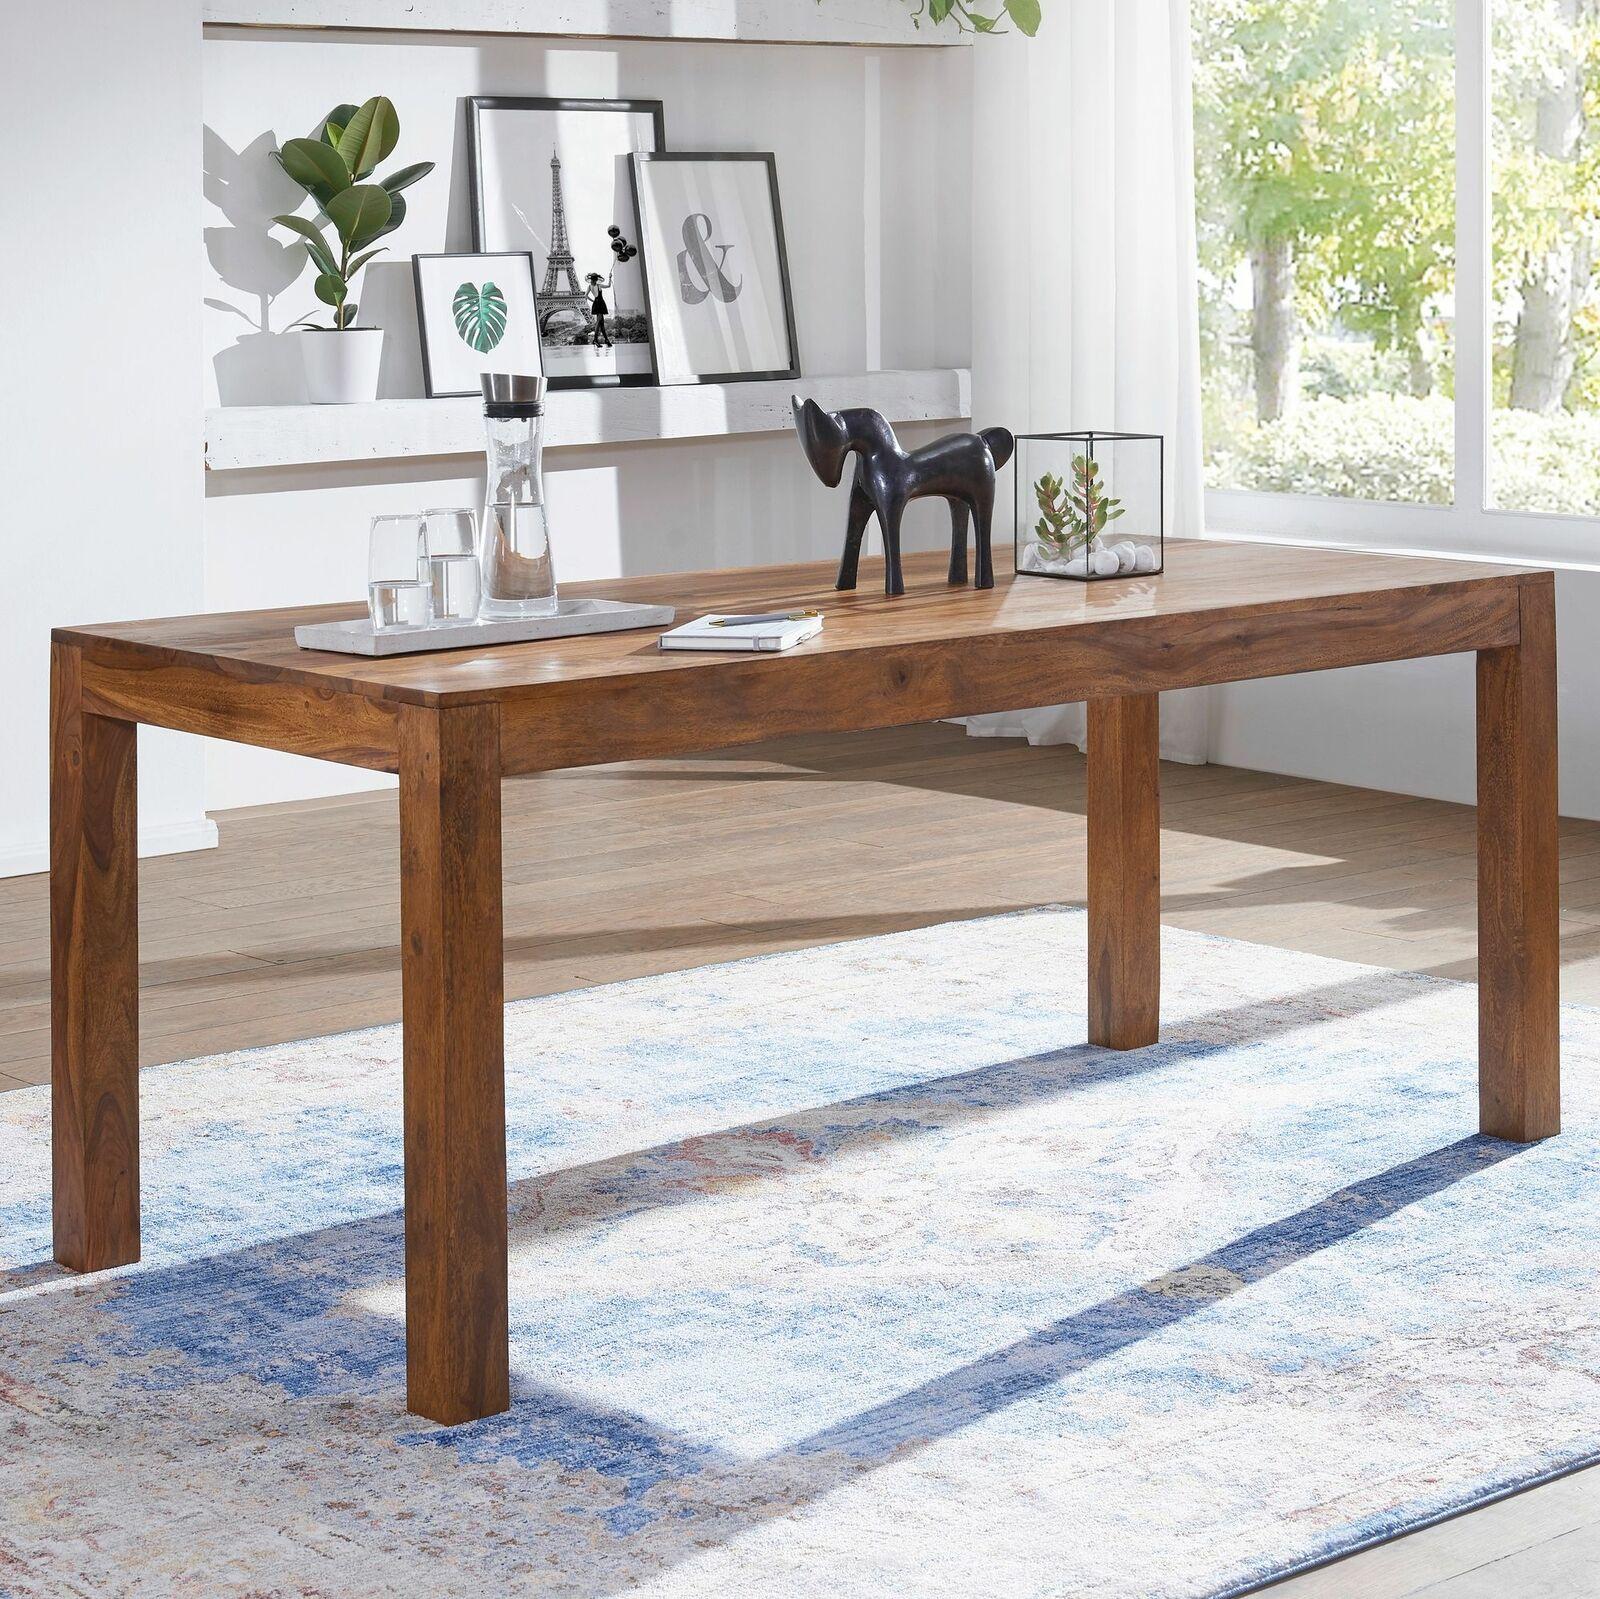 FineBuy Esstisch 120cm Massivholz Sheesham Esszimmer-Tisch Küchentisch Landhaus 21